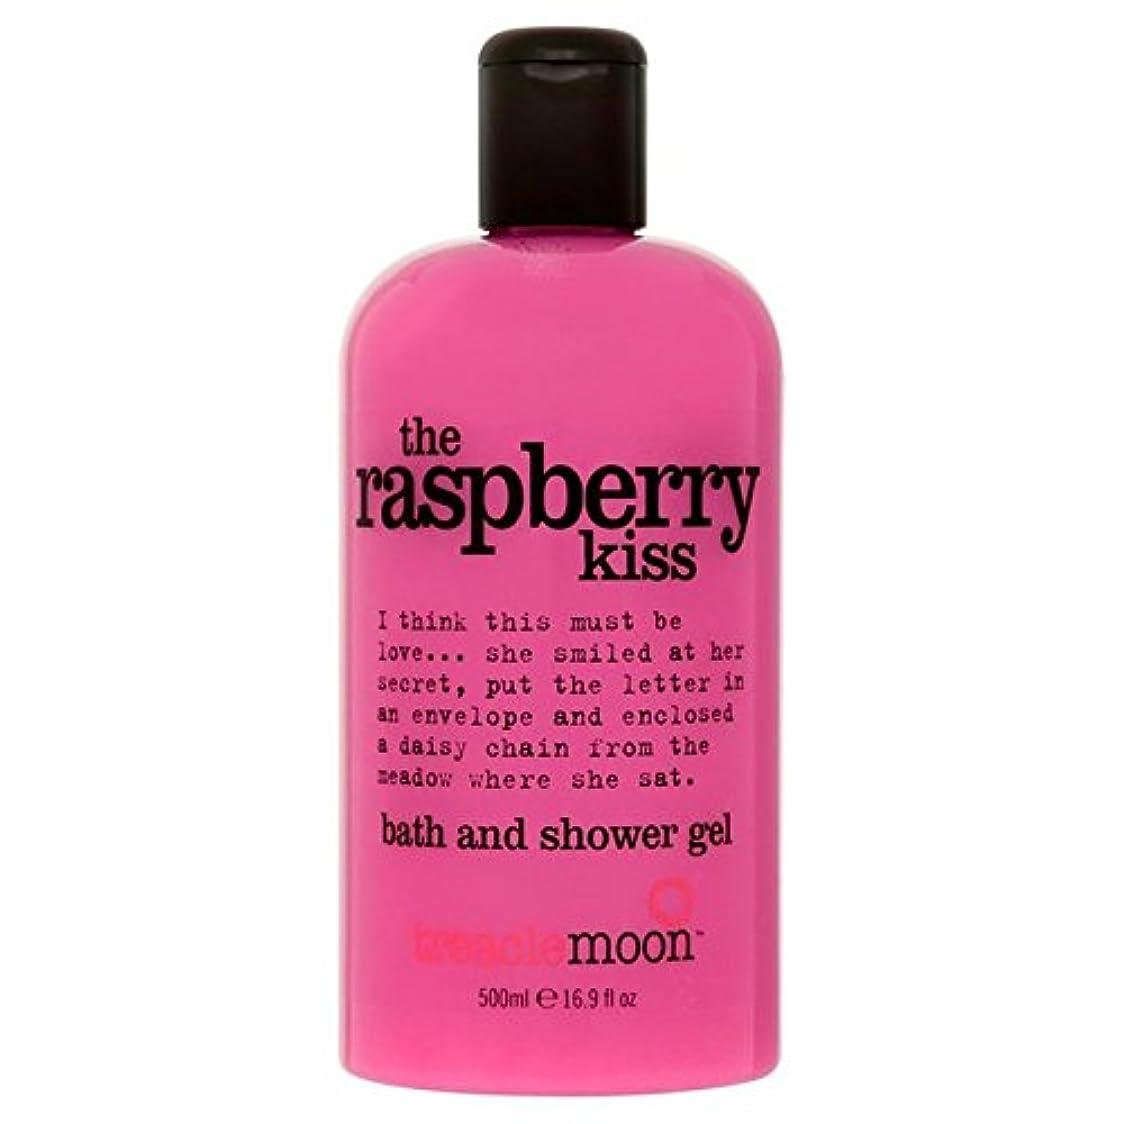 ヘッドレスメディック年齢Treacle Moon Raspberry Bath & Shower Gel 500ml (Pack of 6) - 糖蜜ムーンラズベリーバス&シャワージェル500ミリリットル x6 [並行輸入品]